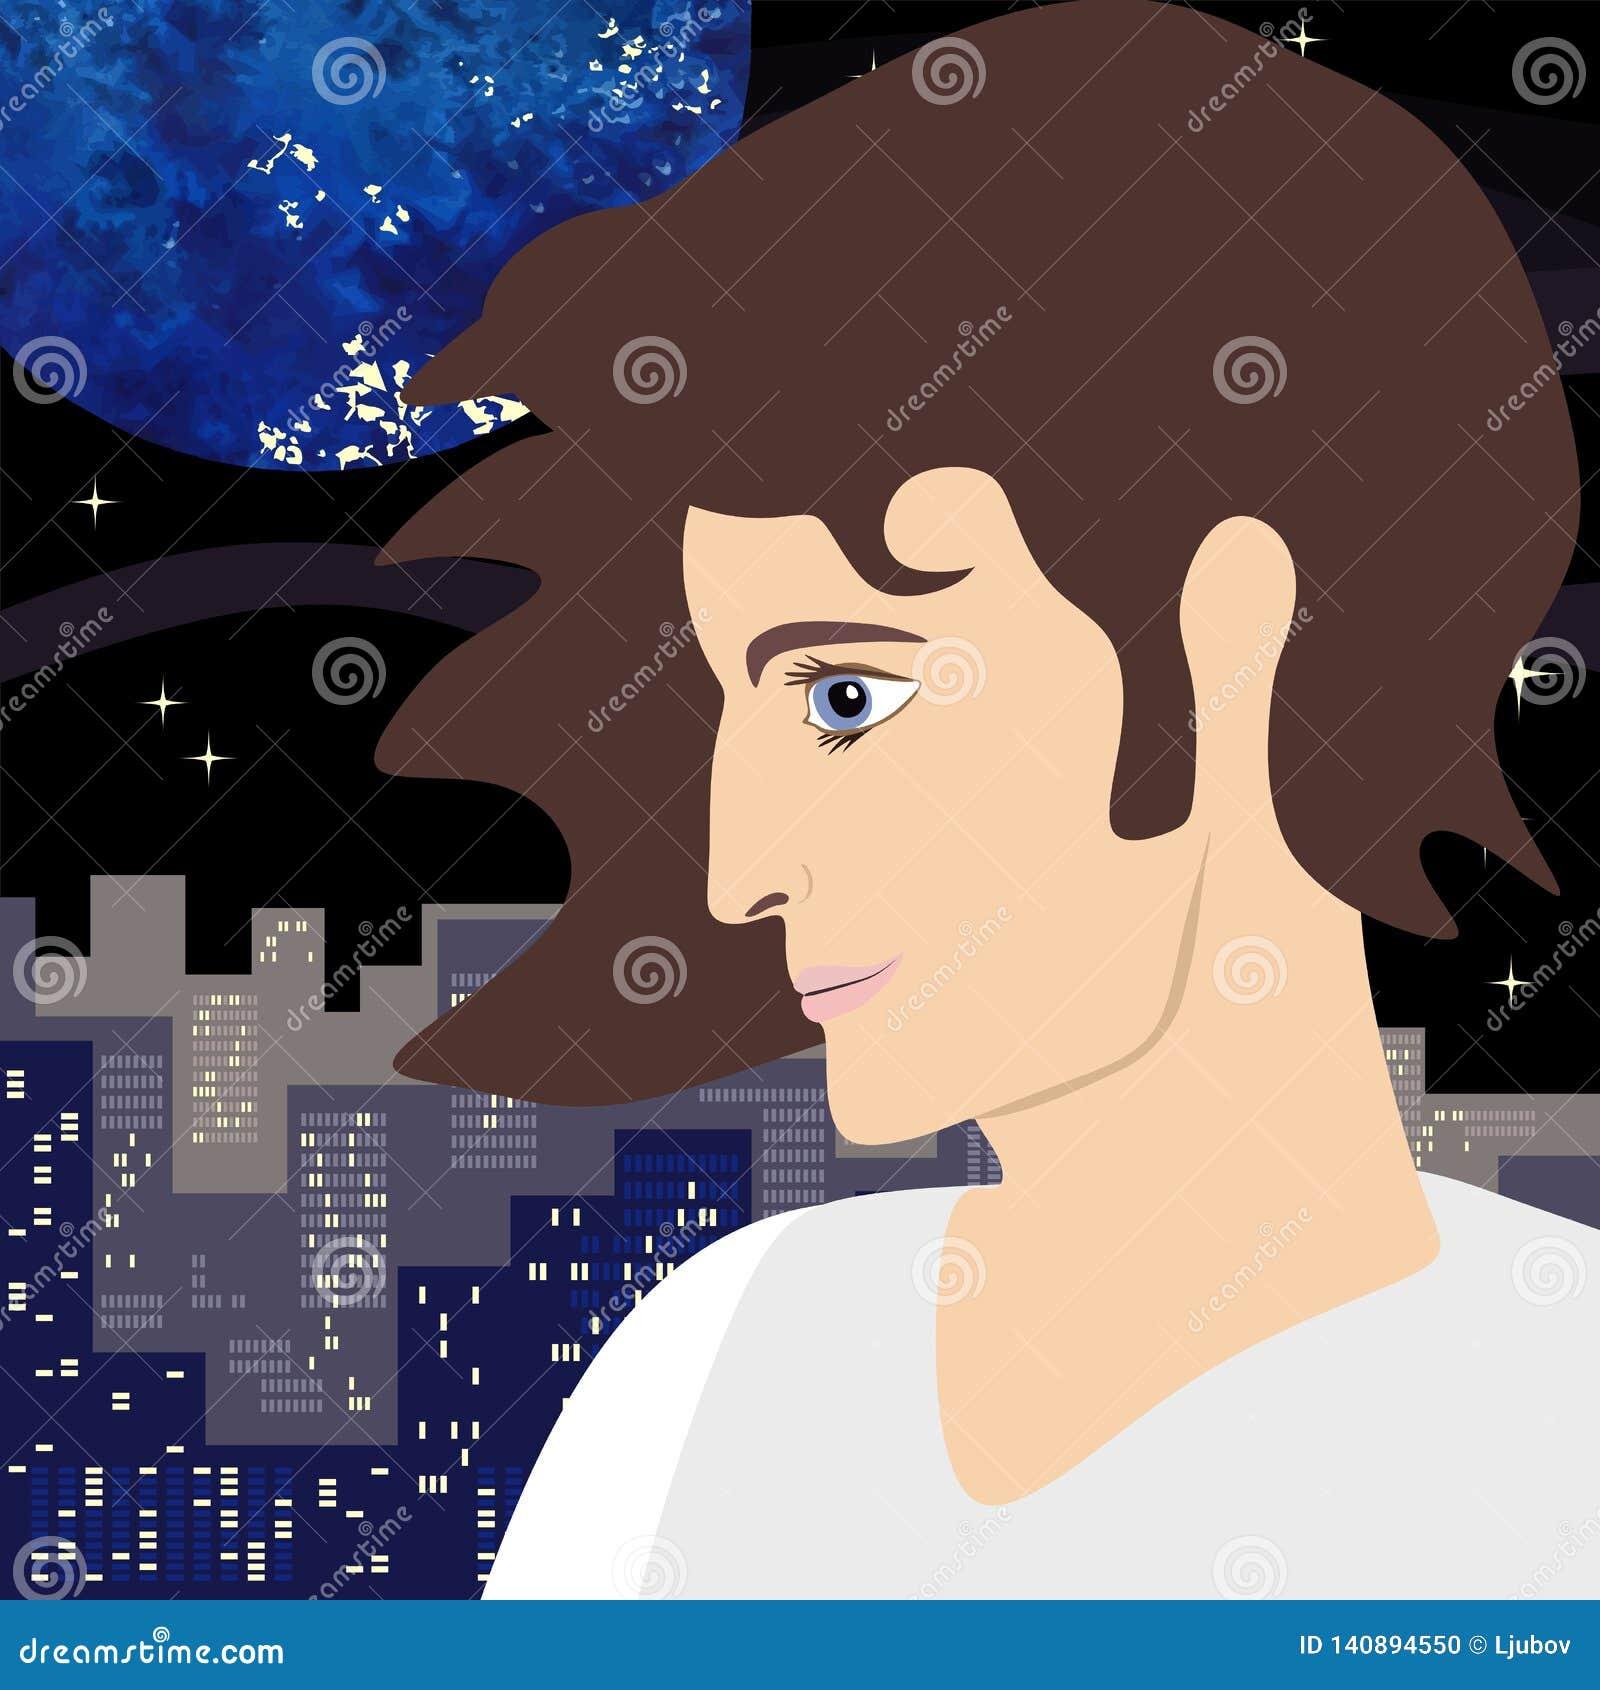 Profiel van de jonge mens met een expressieve blik op de achtergrond van grote stad en nachthemel met planeten en sterren